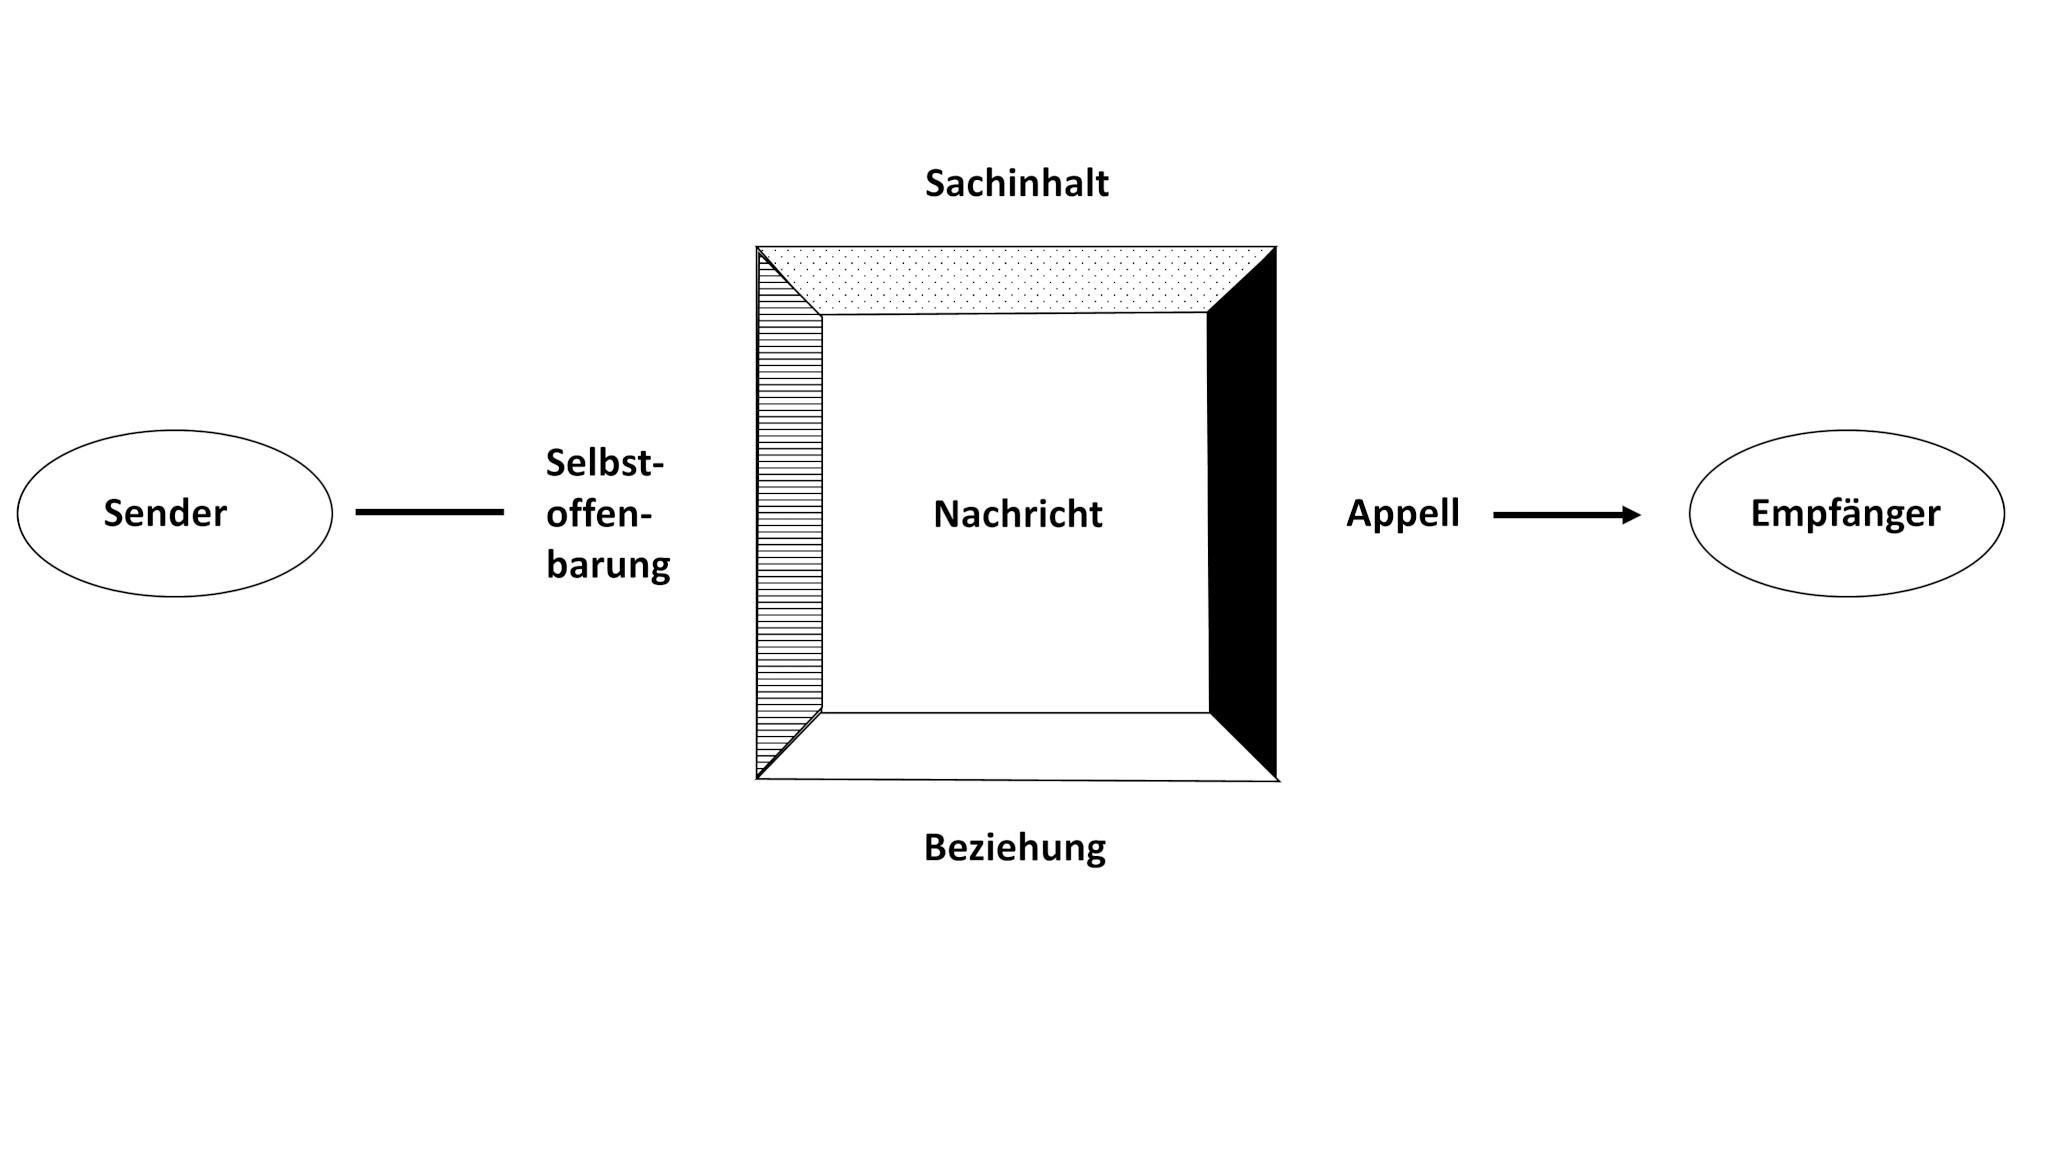 Kommunikationsmodelle: 4-ohren-modell, vier Seiten einer Nachricht